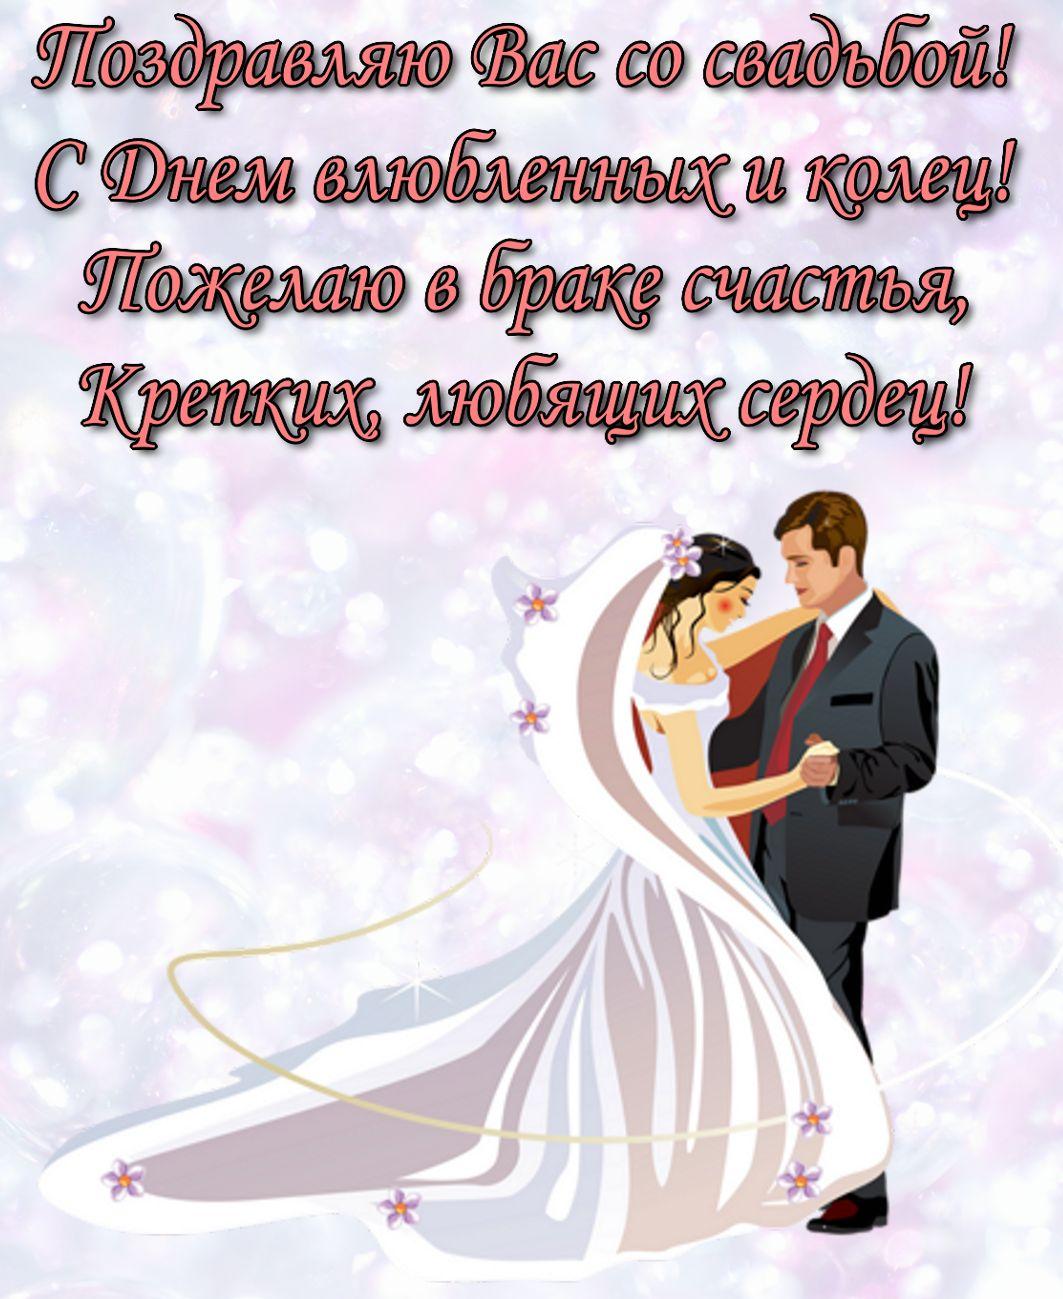 Поздравления с днем свадьбы в стихах с картинками, открытки доброе